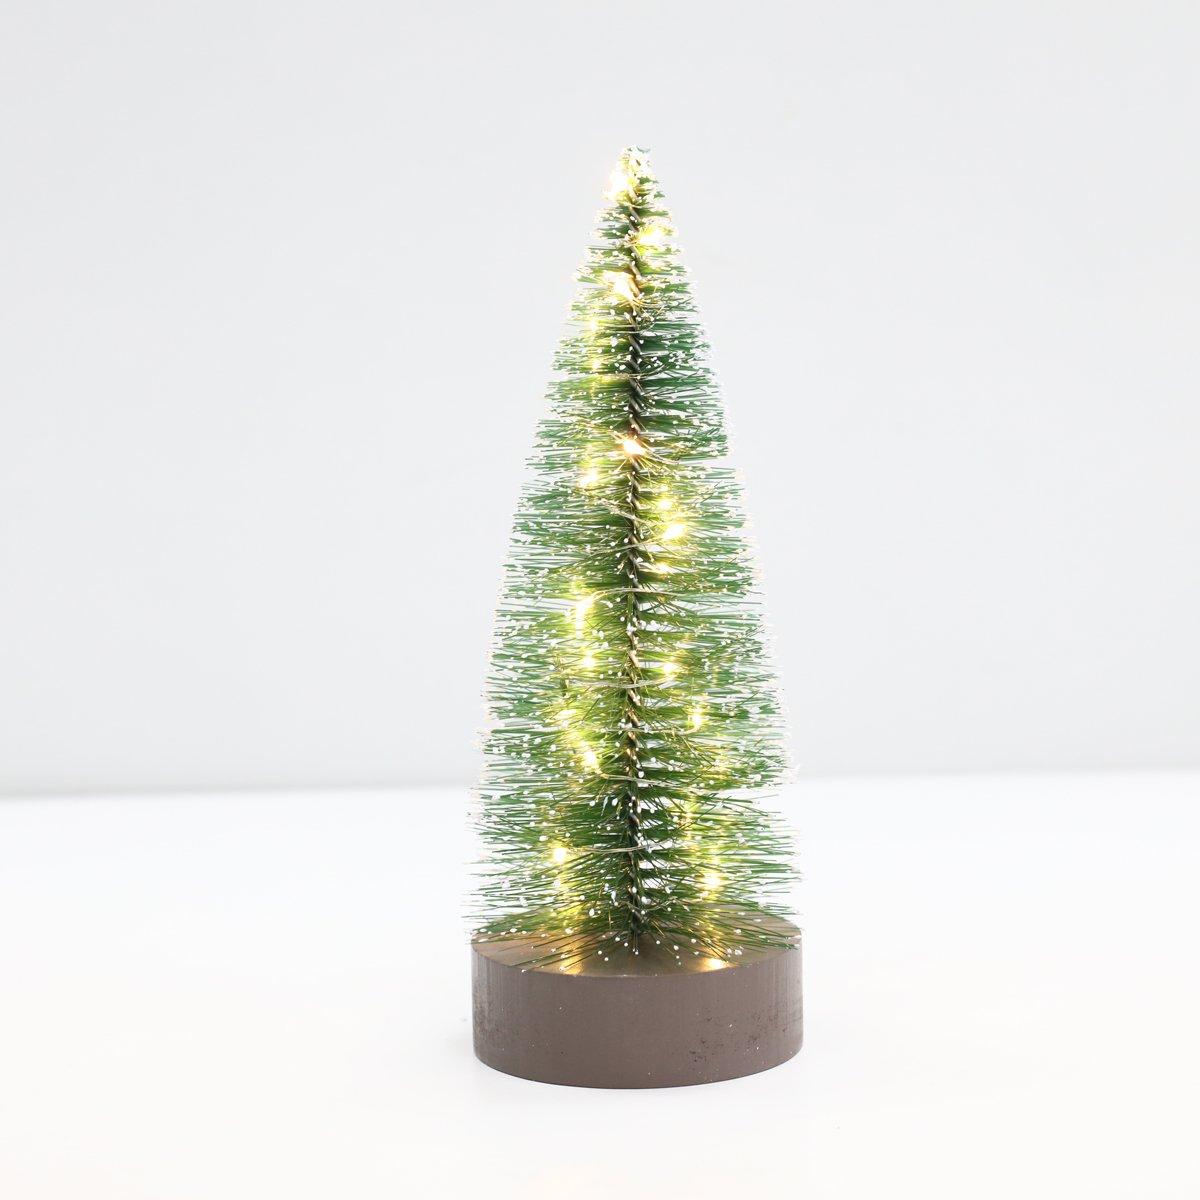 Amazon.com: PIONEER-EFFORT Árbol de Navidad del cepillo de botella miniatura de 8.5 pulgadas con las luces llevadas: Home & Kitchen